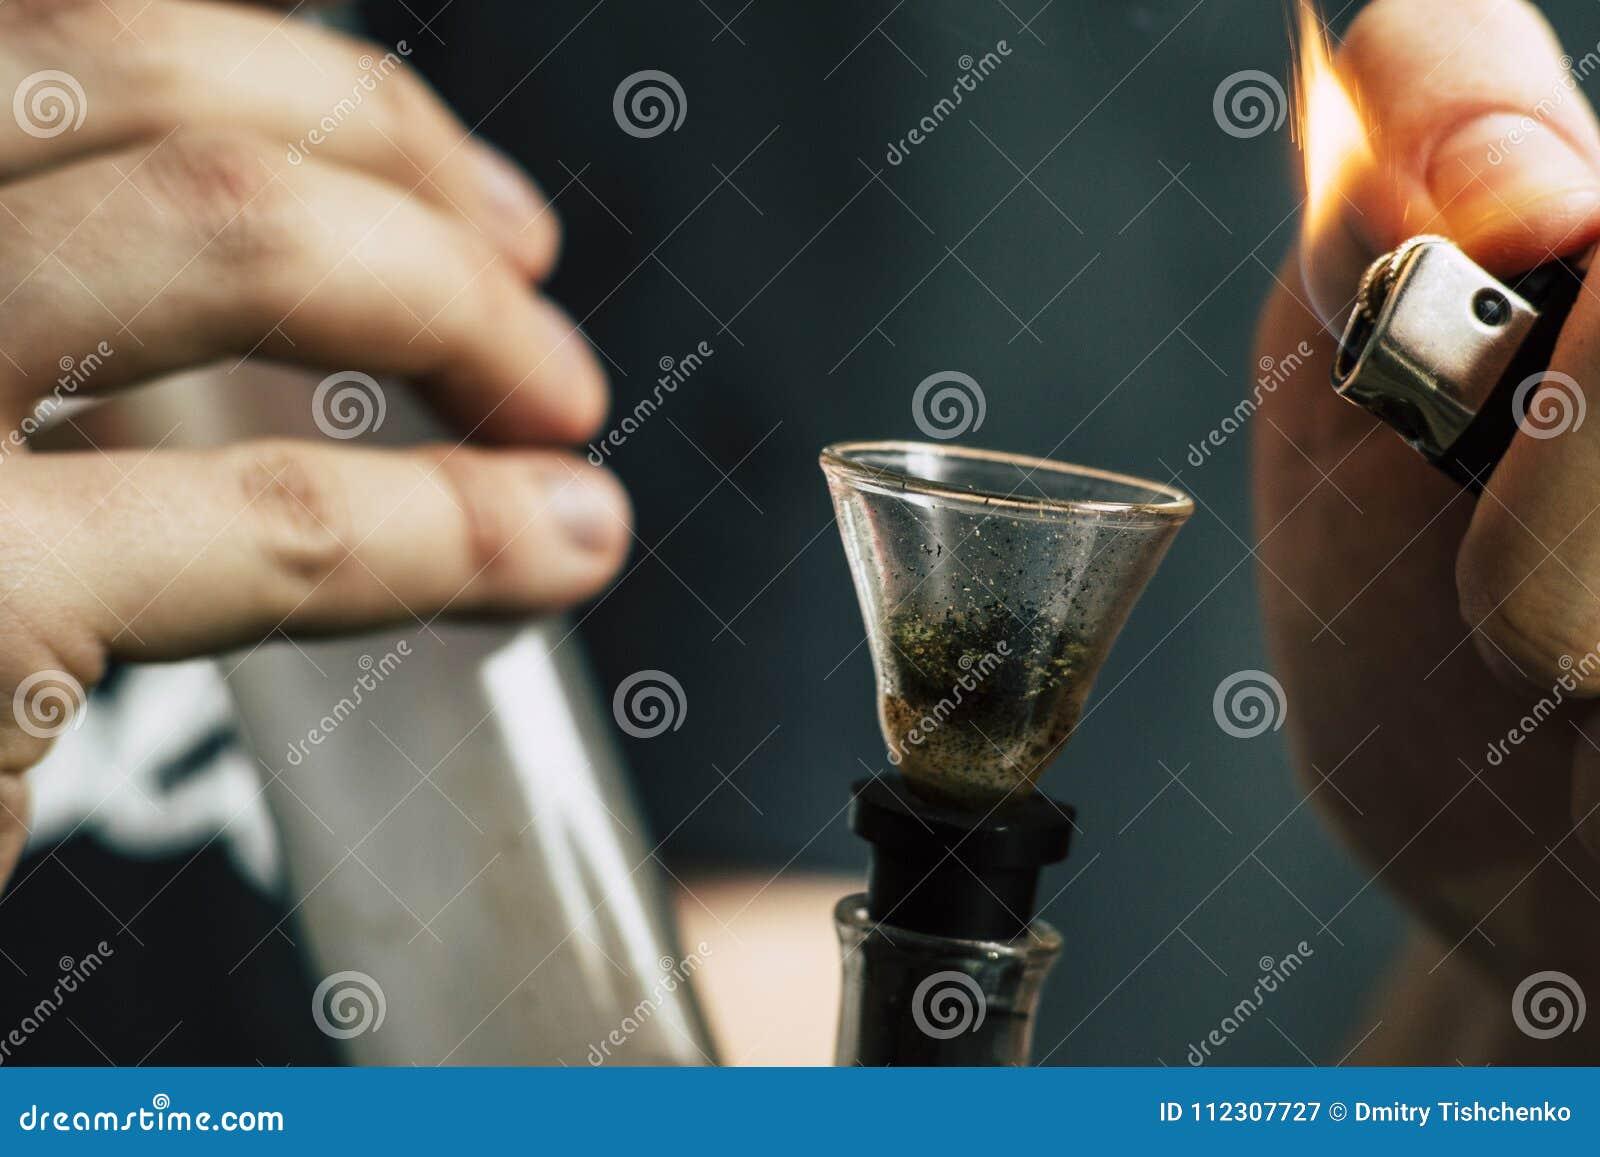 Курить коноплю из кальяна как выводиться из организма конопля